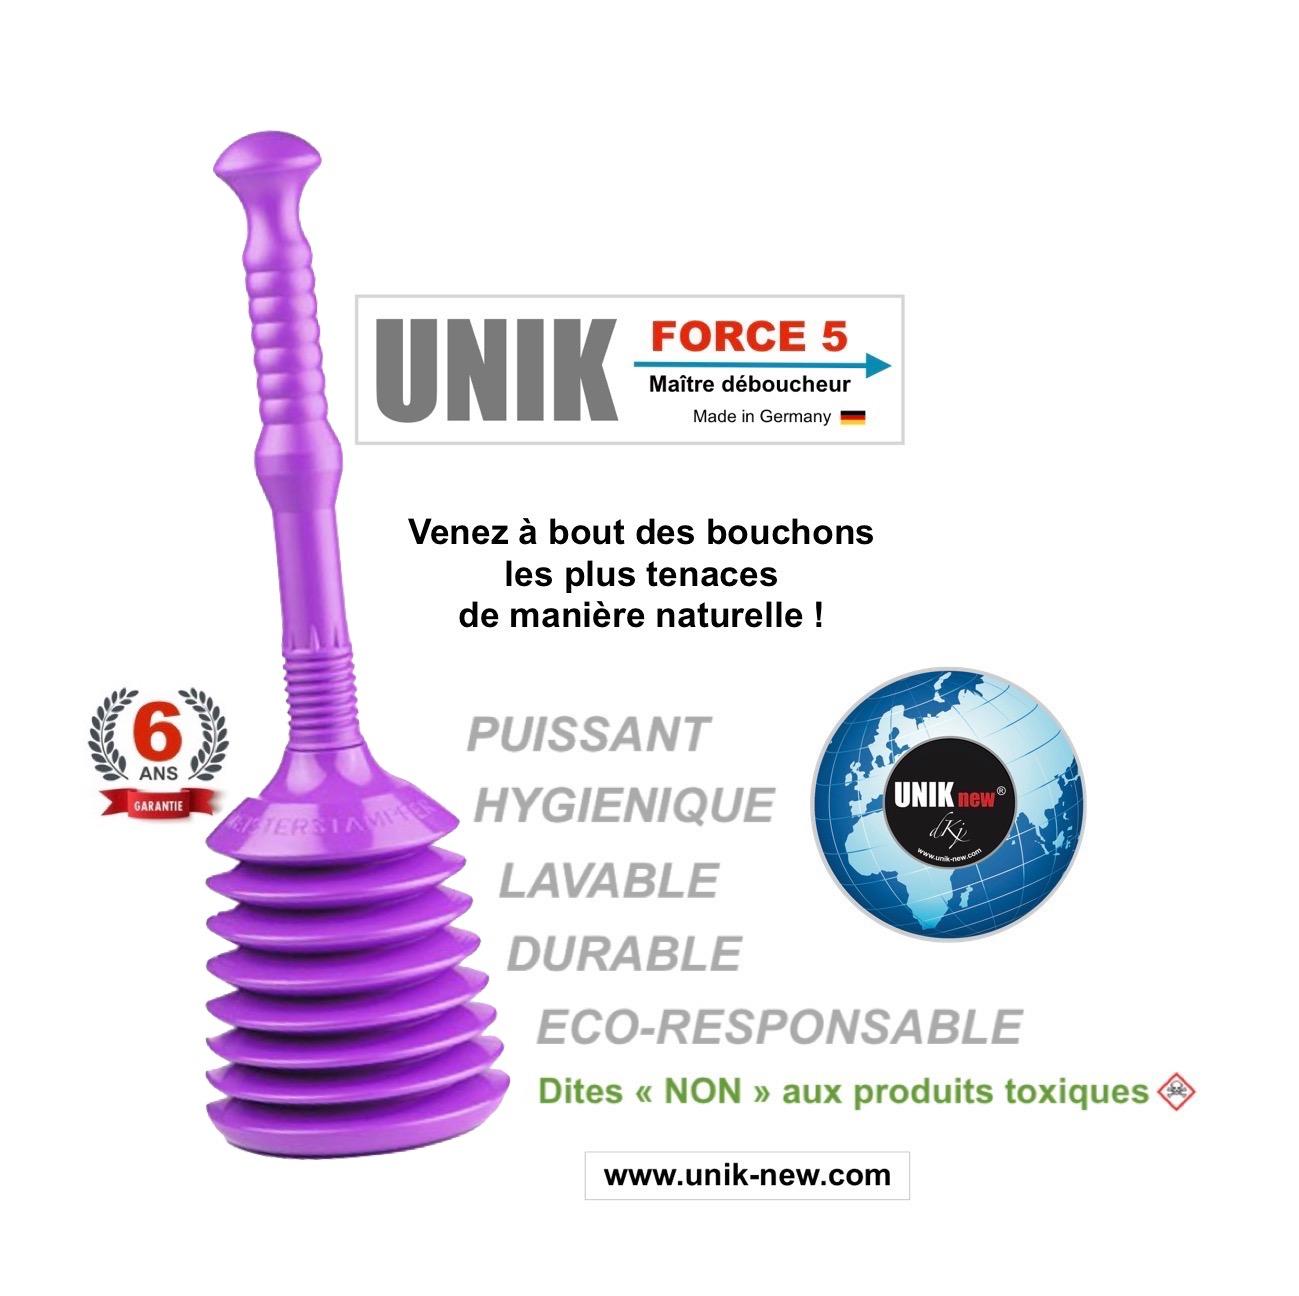 acheter UNIK FORCE 5 Déboucheur